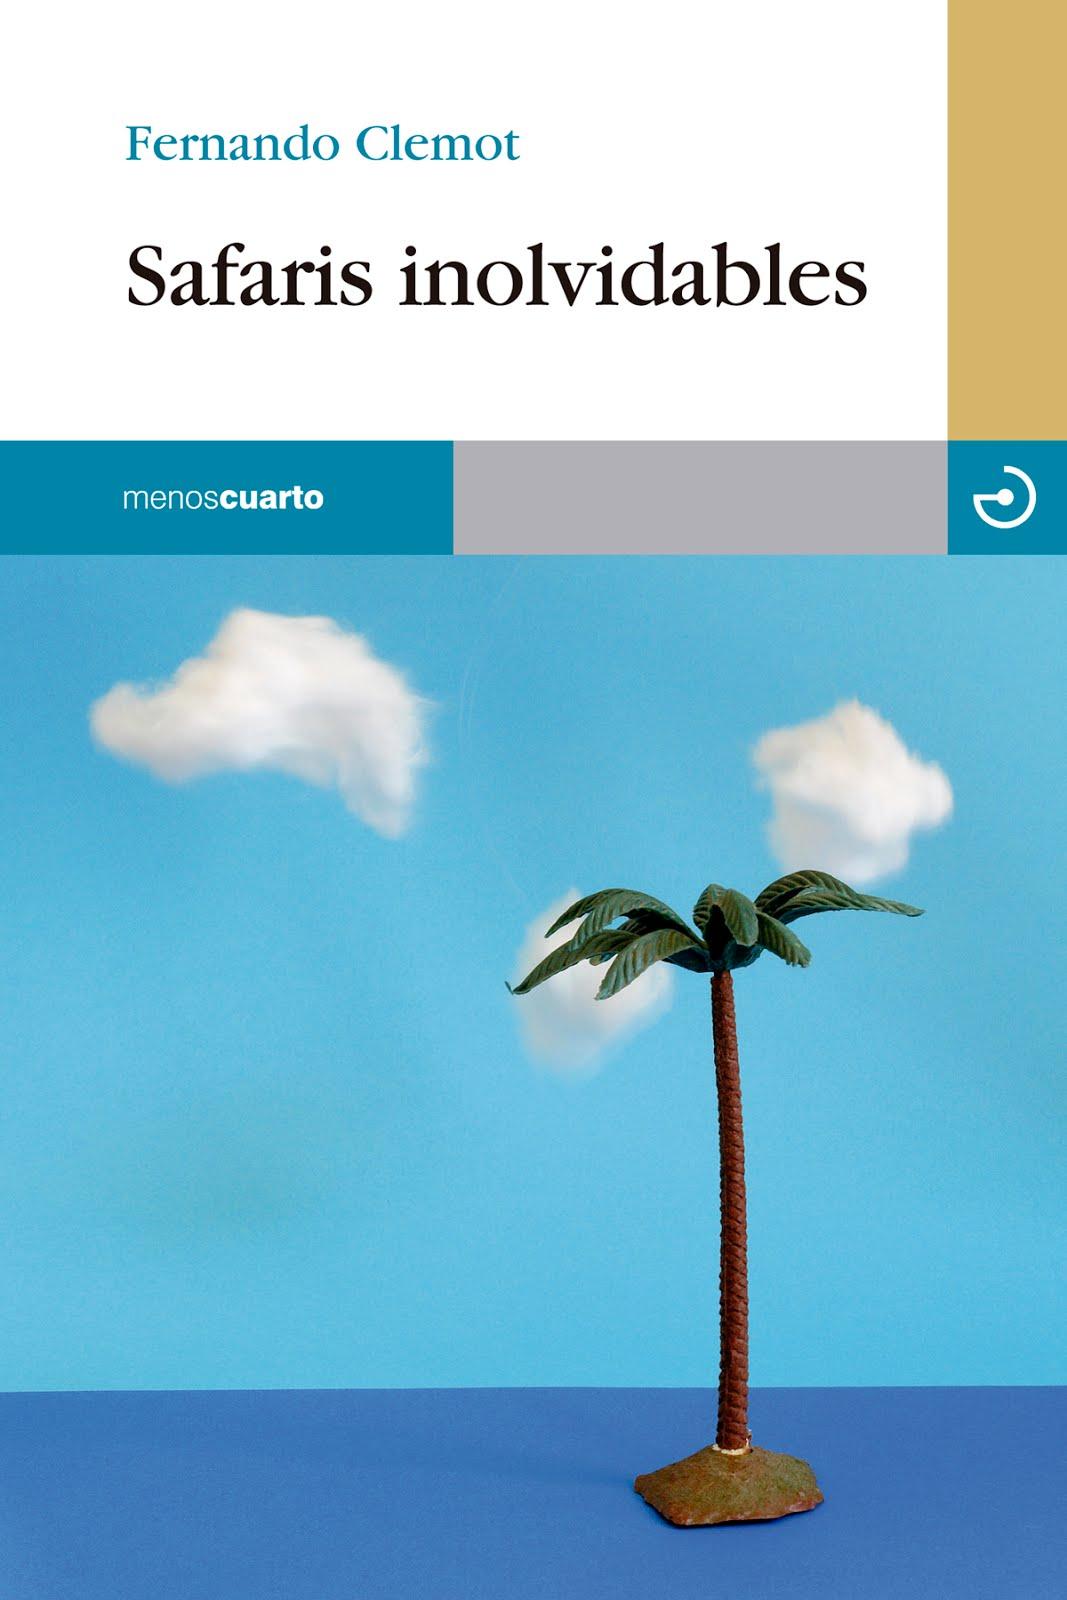 SAFARIS INOLVIDABLES (Menoscuarto, 2012)